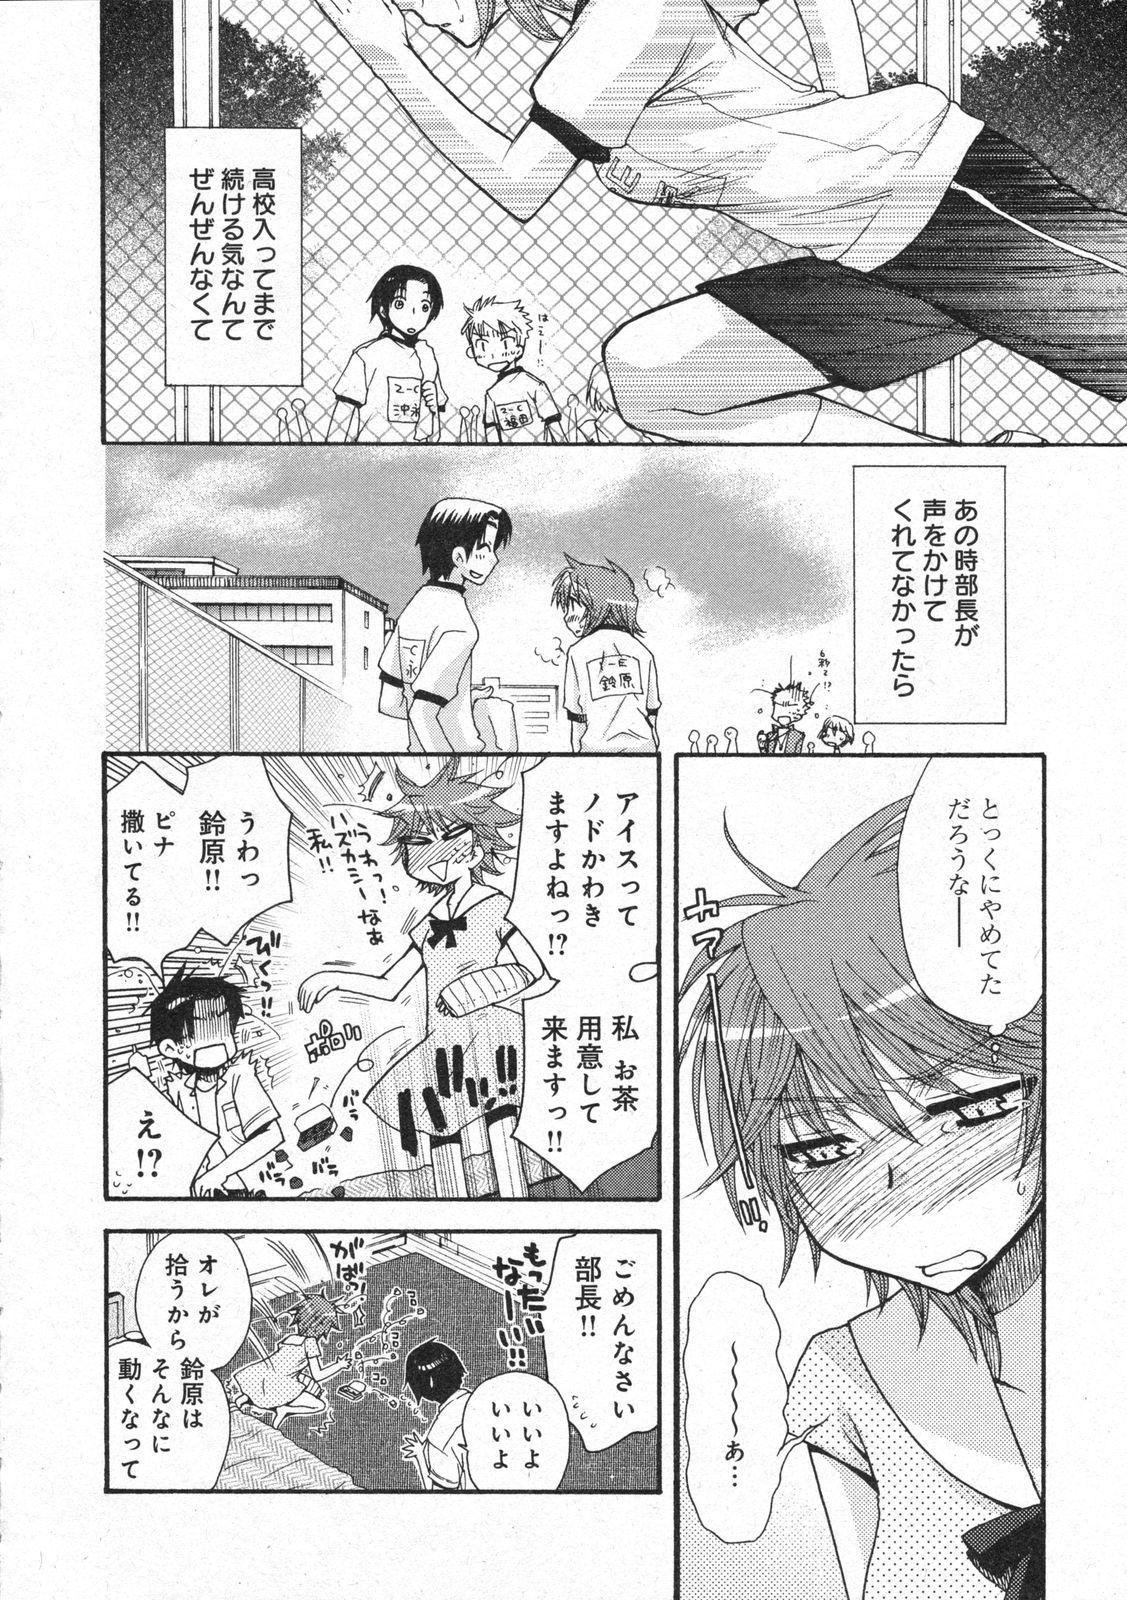 COMIC Moemax Jr. Vol.01 2009-08 57